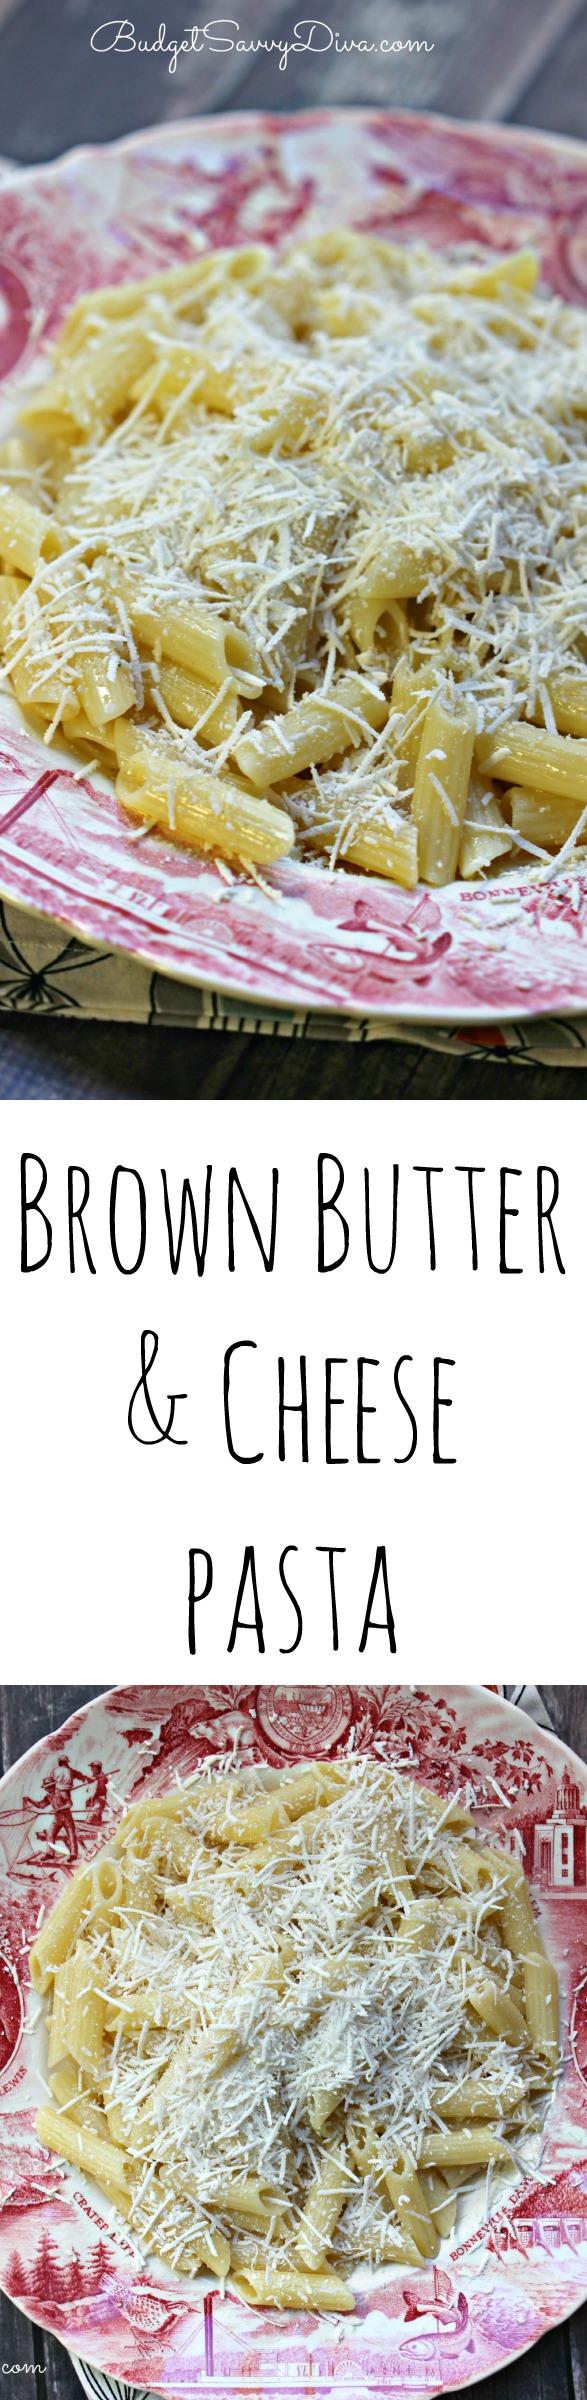 Brown Butter Pasta FINAL